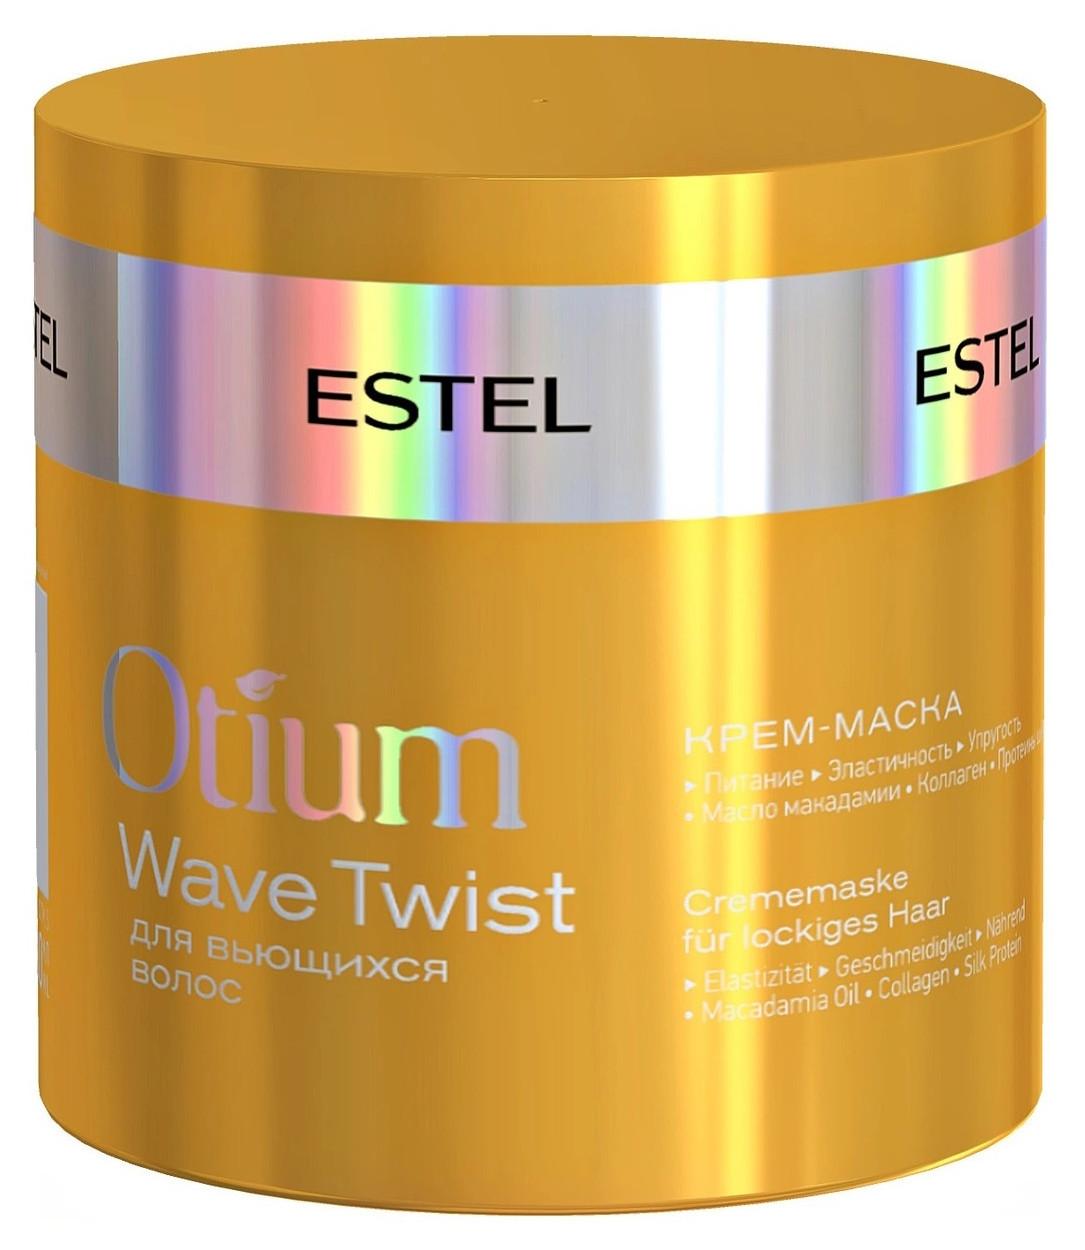 Крем-маска для кучерявого волосся Estel Professional Otium Wave Twist 300 мл.